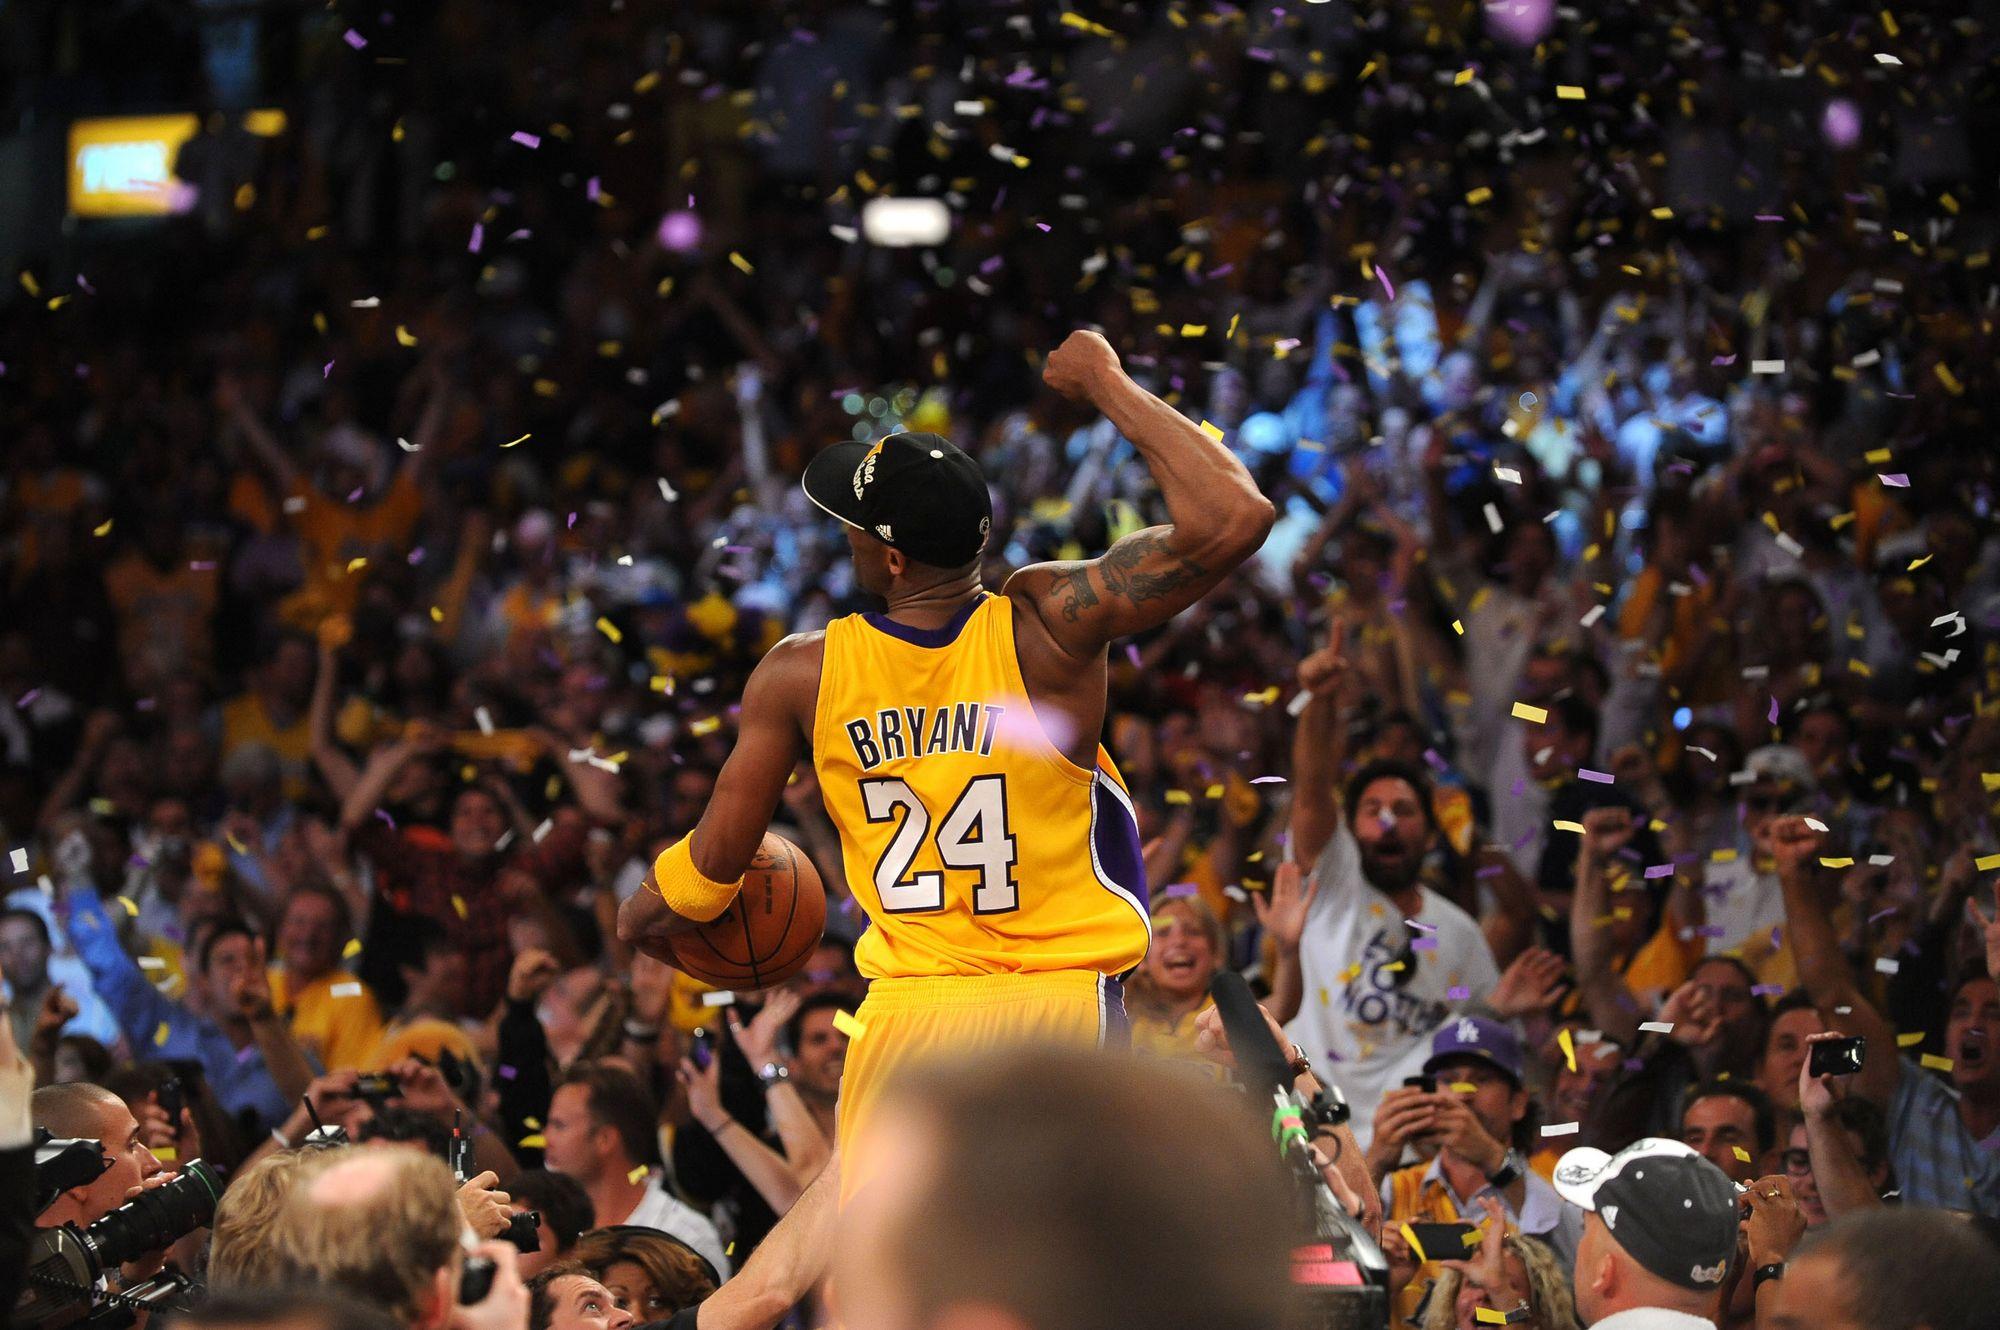 Cuộc đời và sự nghiệp Kobe Bryant: Bắt đầu từ những điều nhỏ nhất